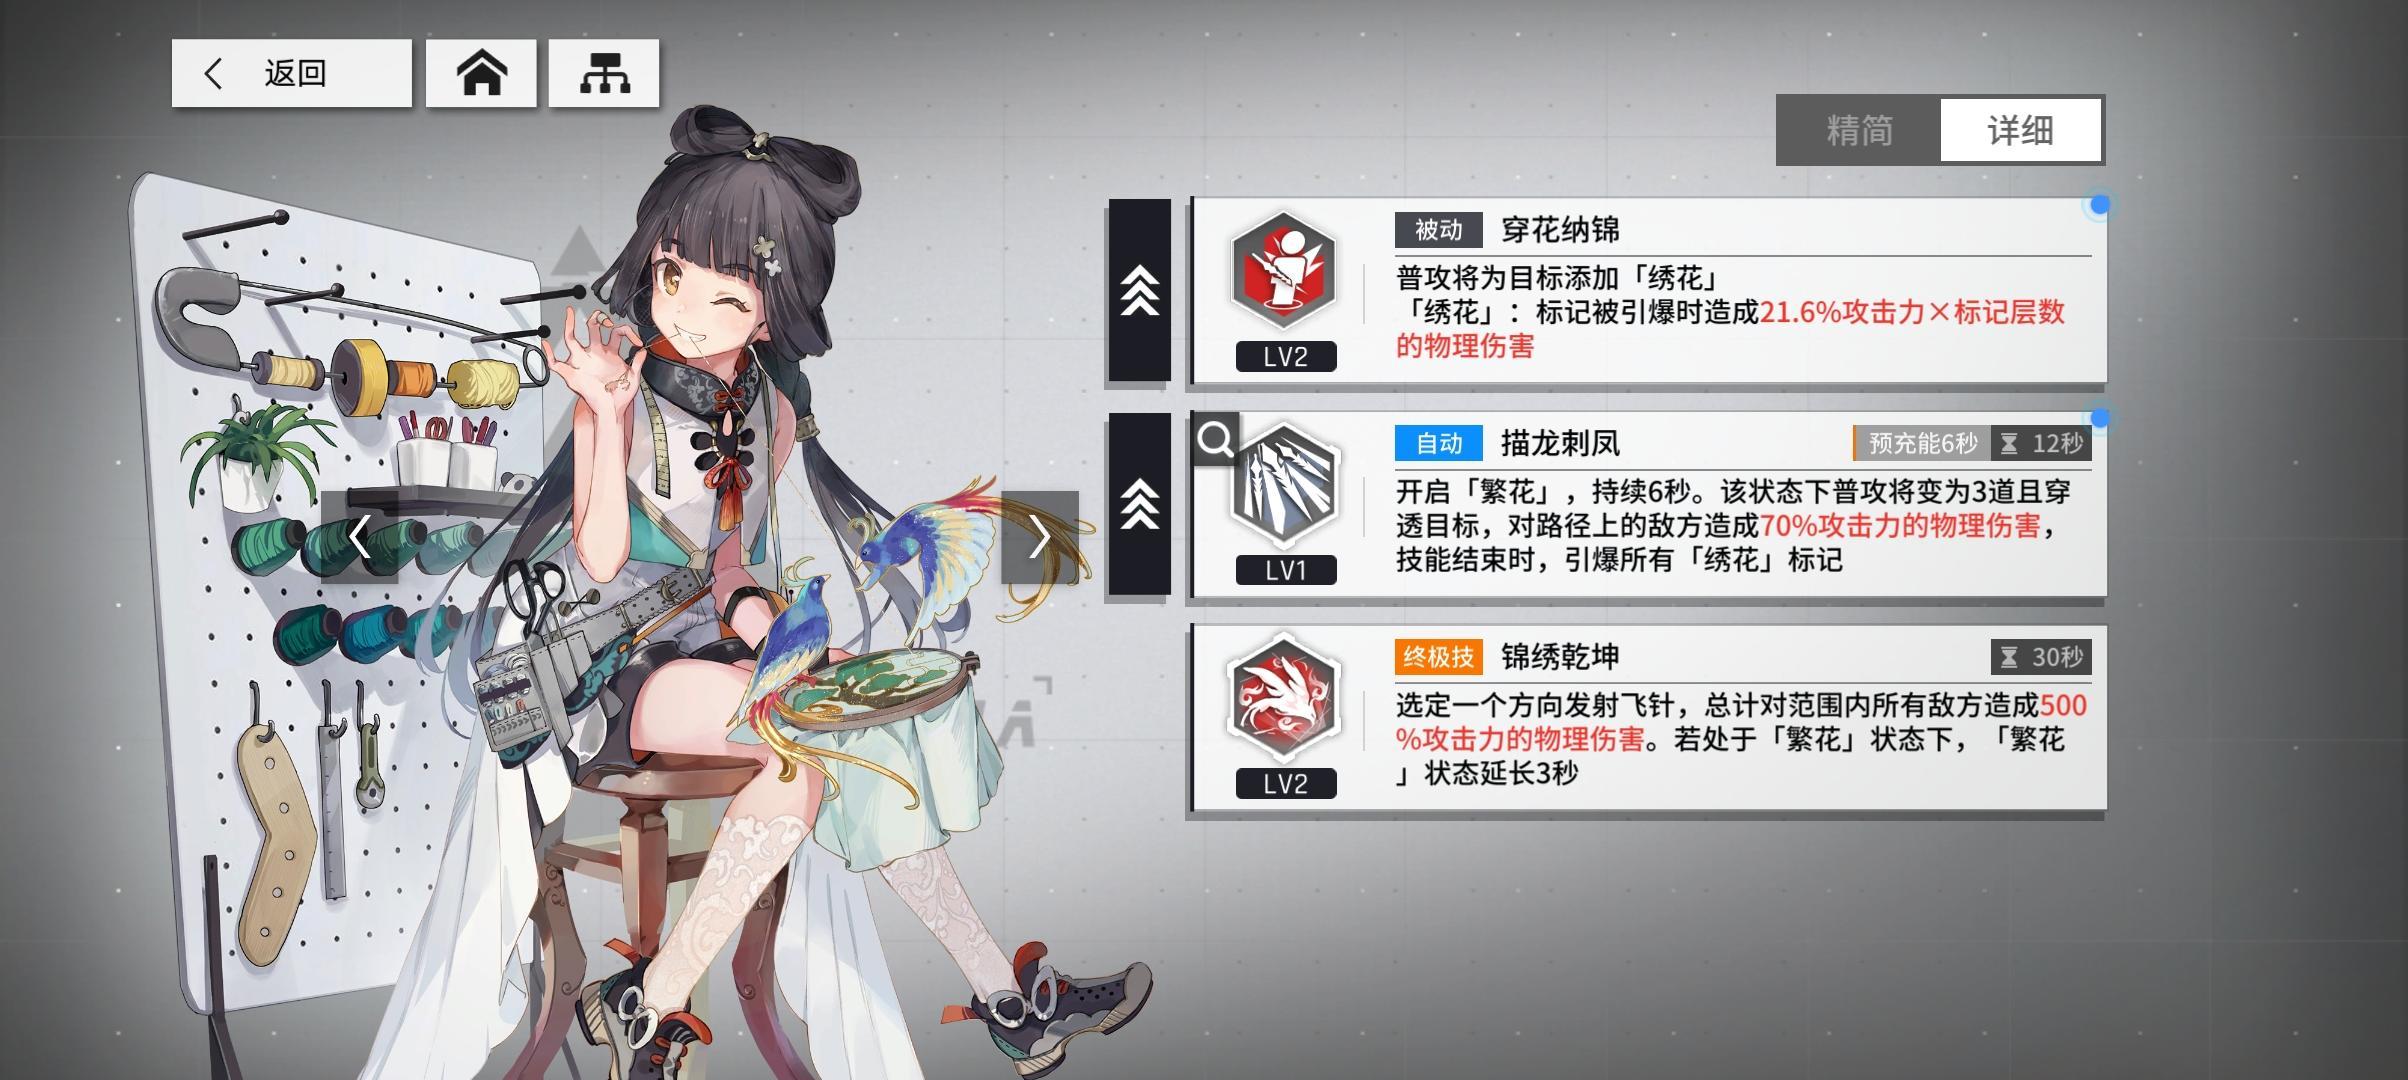 少女前线云图计划缠枝算法搭配攻略_52z.com